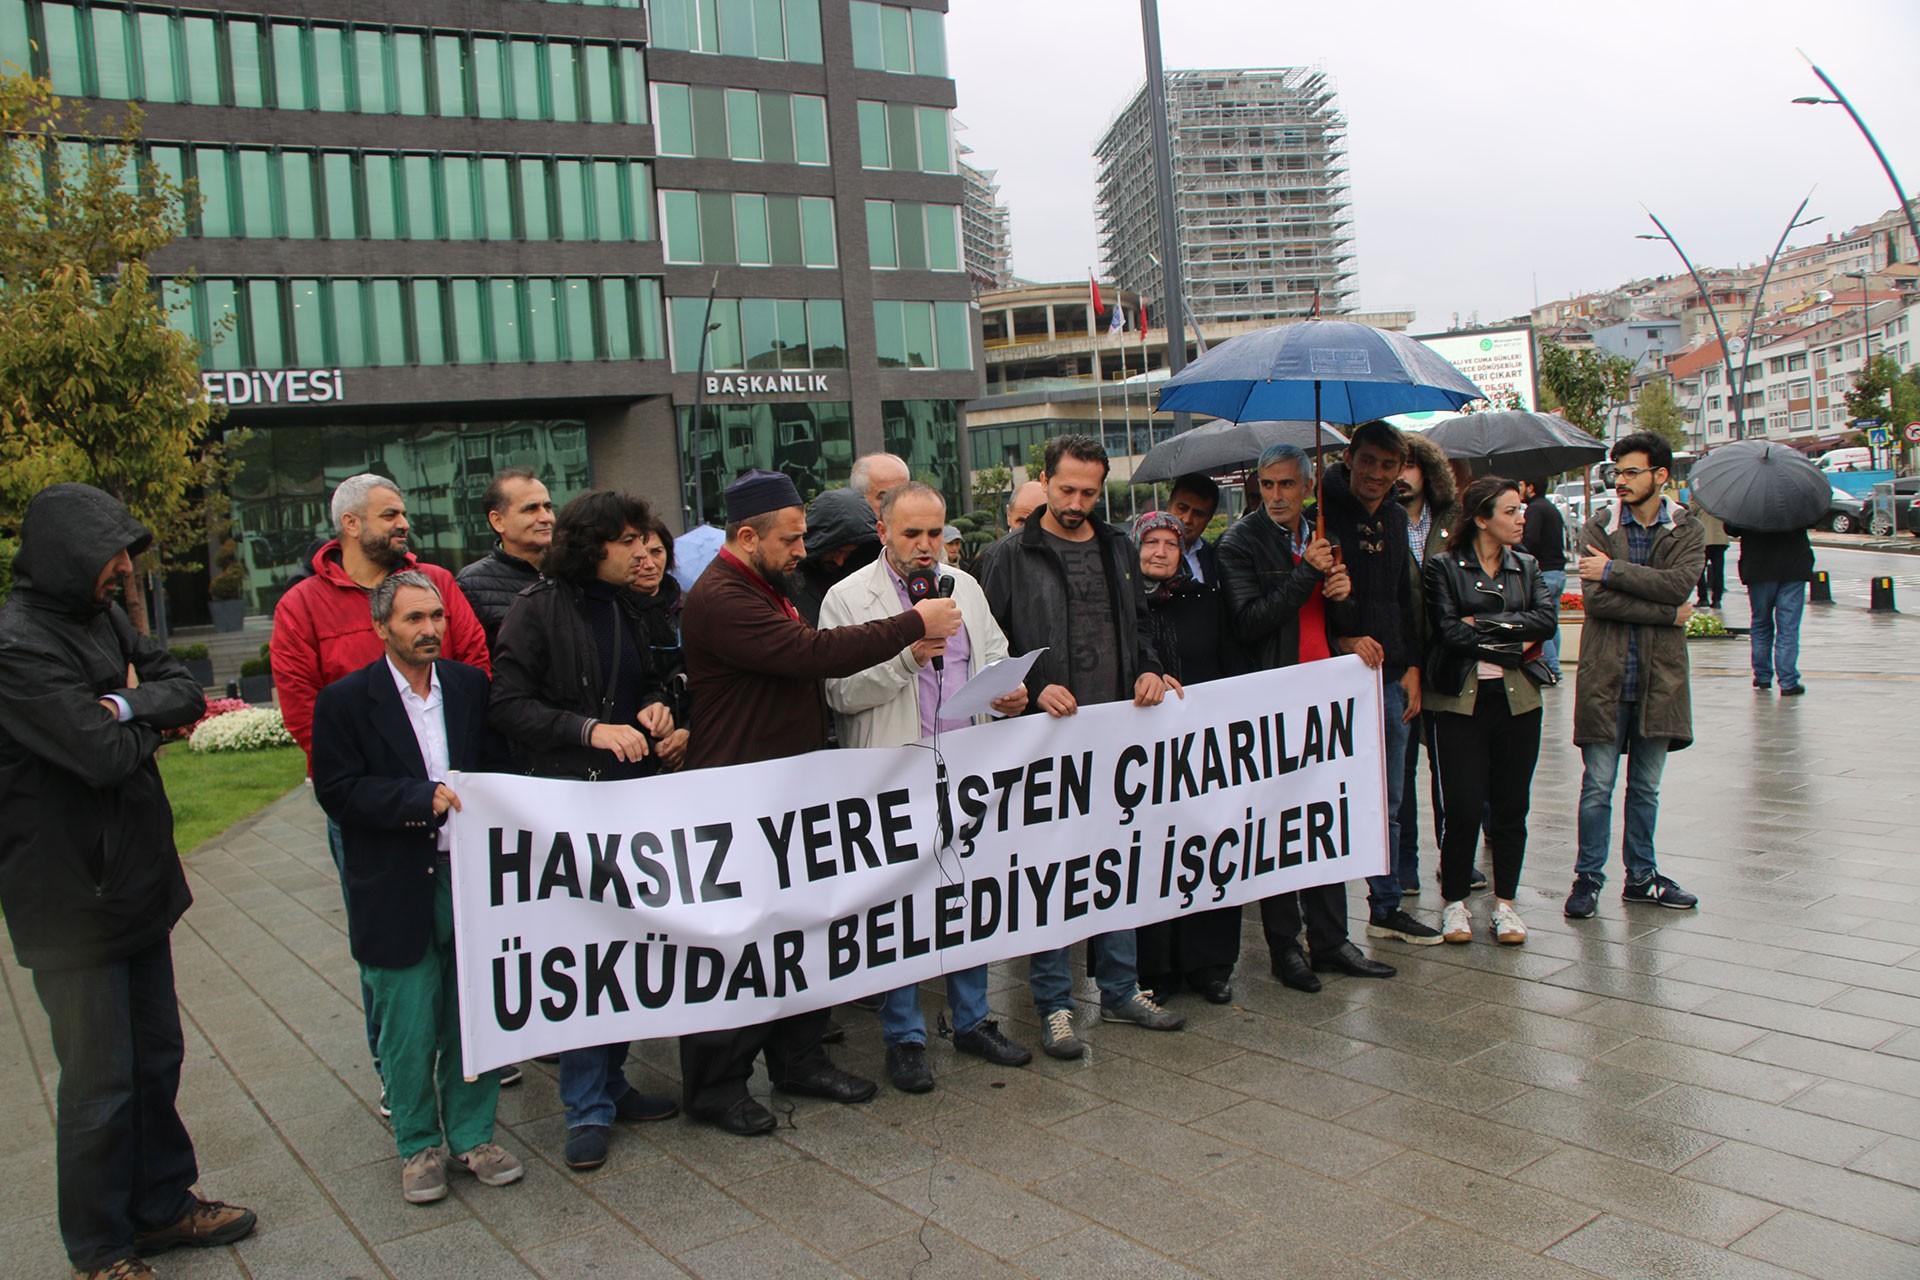 Üsküdar Belediyesi işçileri